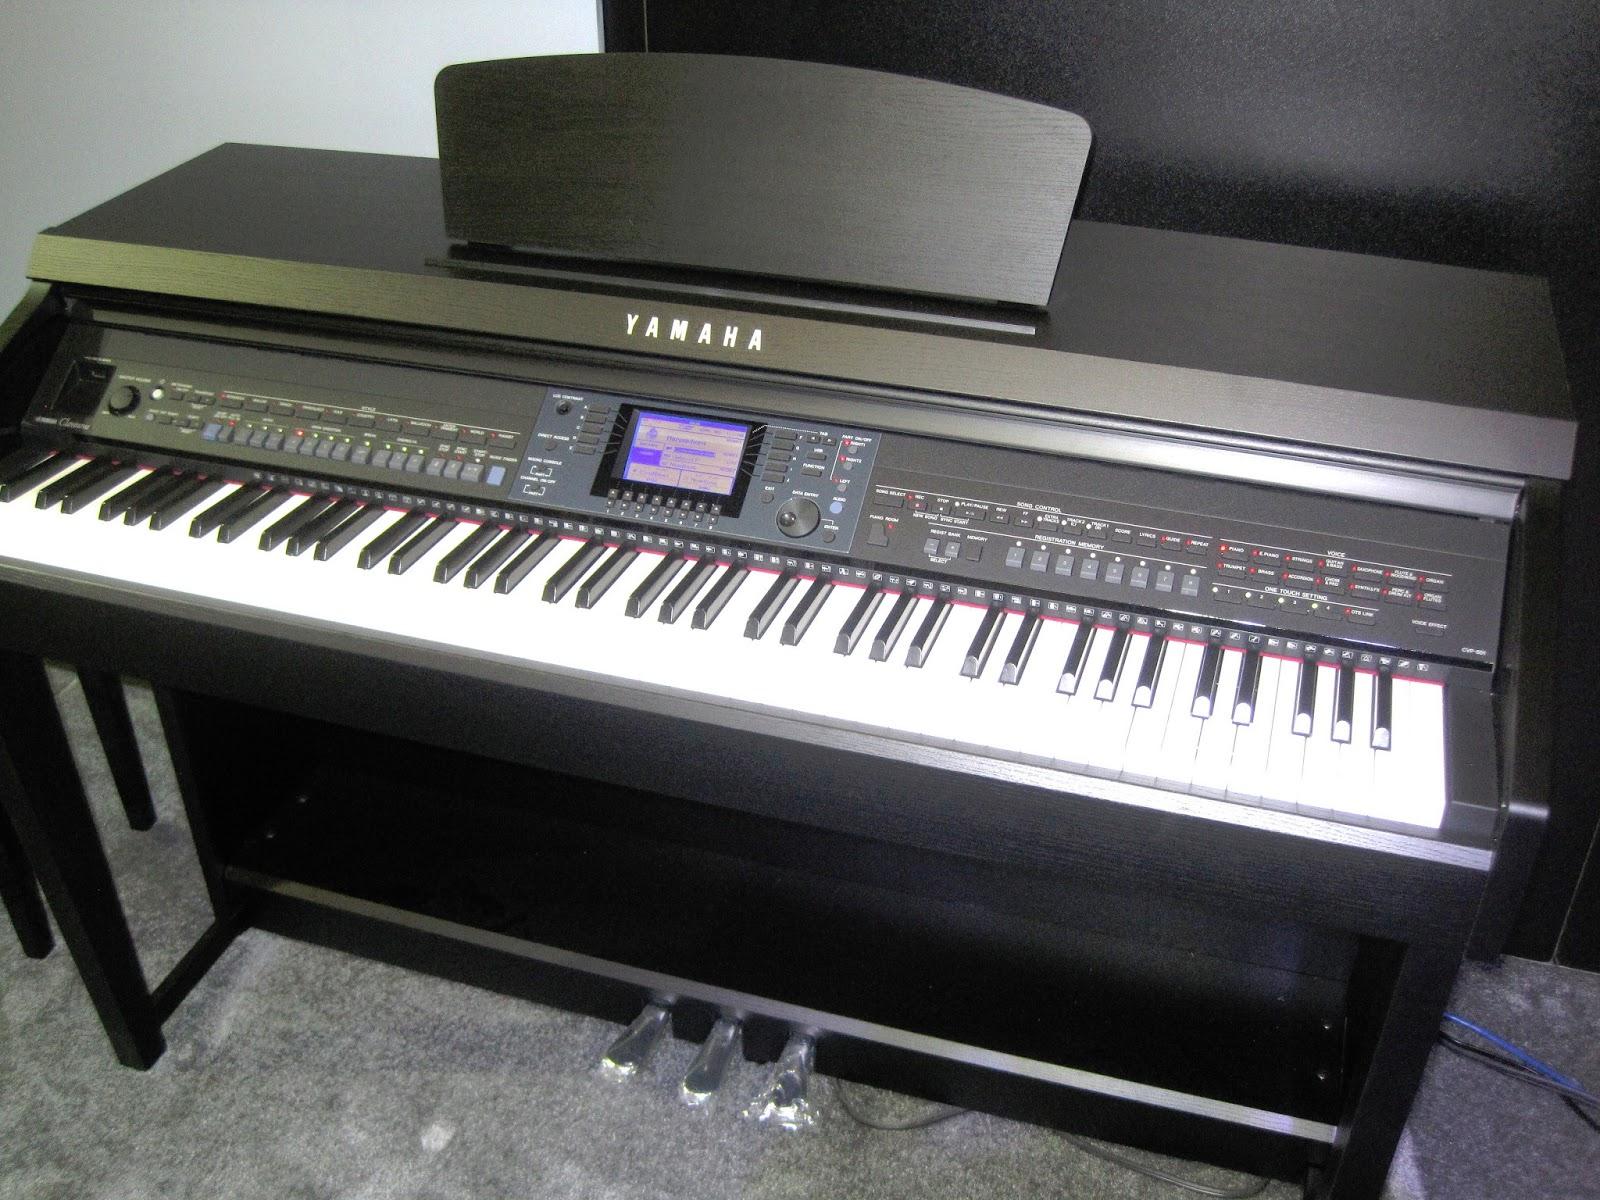 50391-acf8da3081772c9f4d04f118c2ca3222 Yamaha Keyboards Amazon